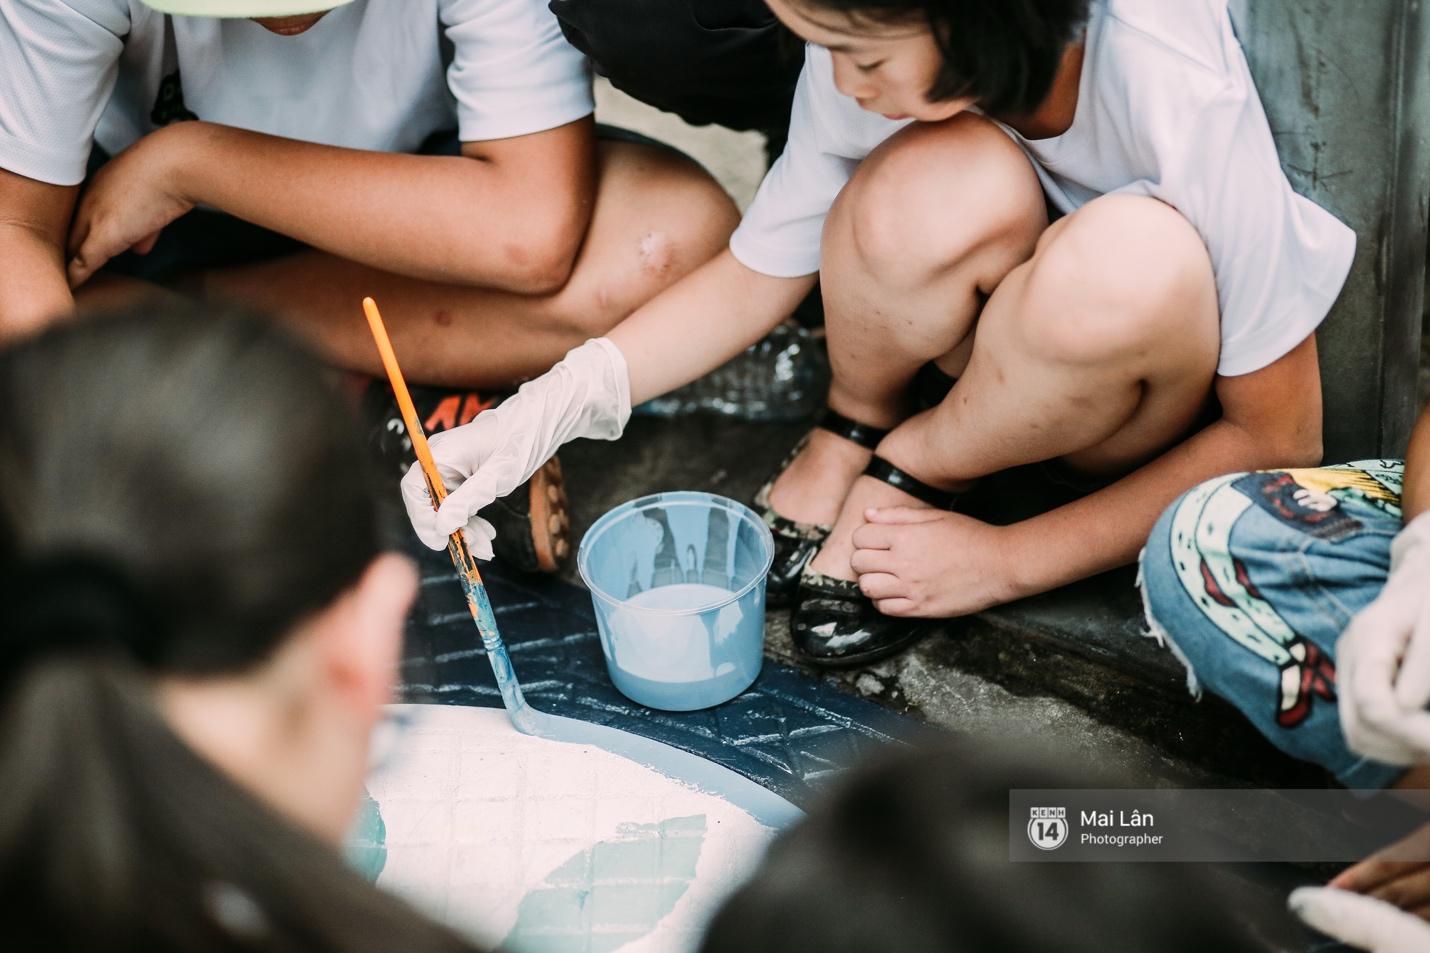 Nhỏ mà có võ, những nắp cống được tô vẽ màu mè đáng yêu khiến ai dạo qua phố đi bộ Hà Nội cũng mỉm cười! - Ảnh 2.